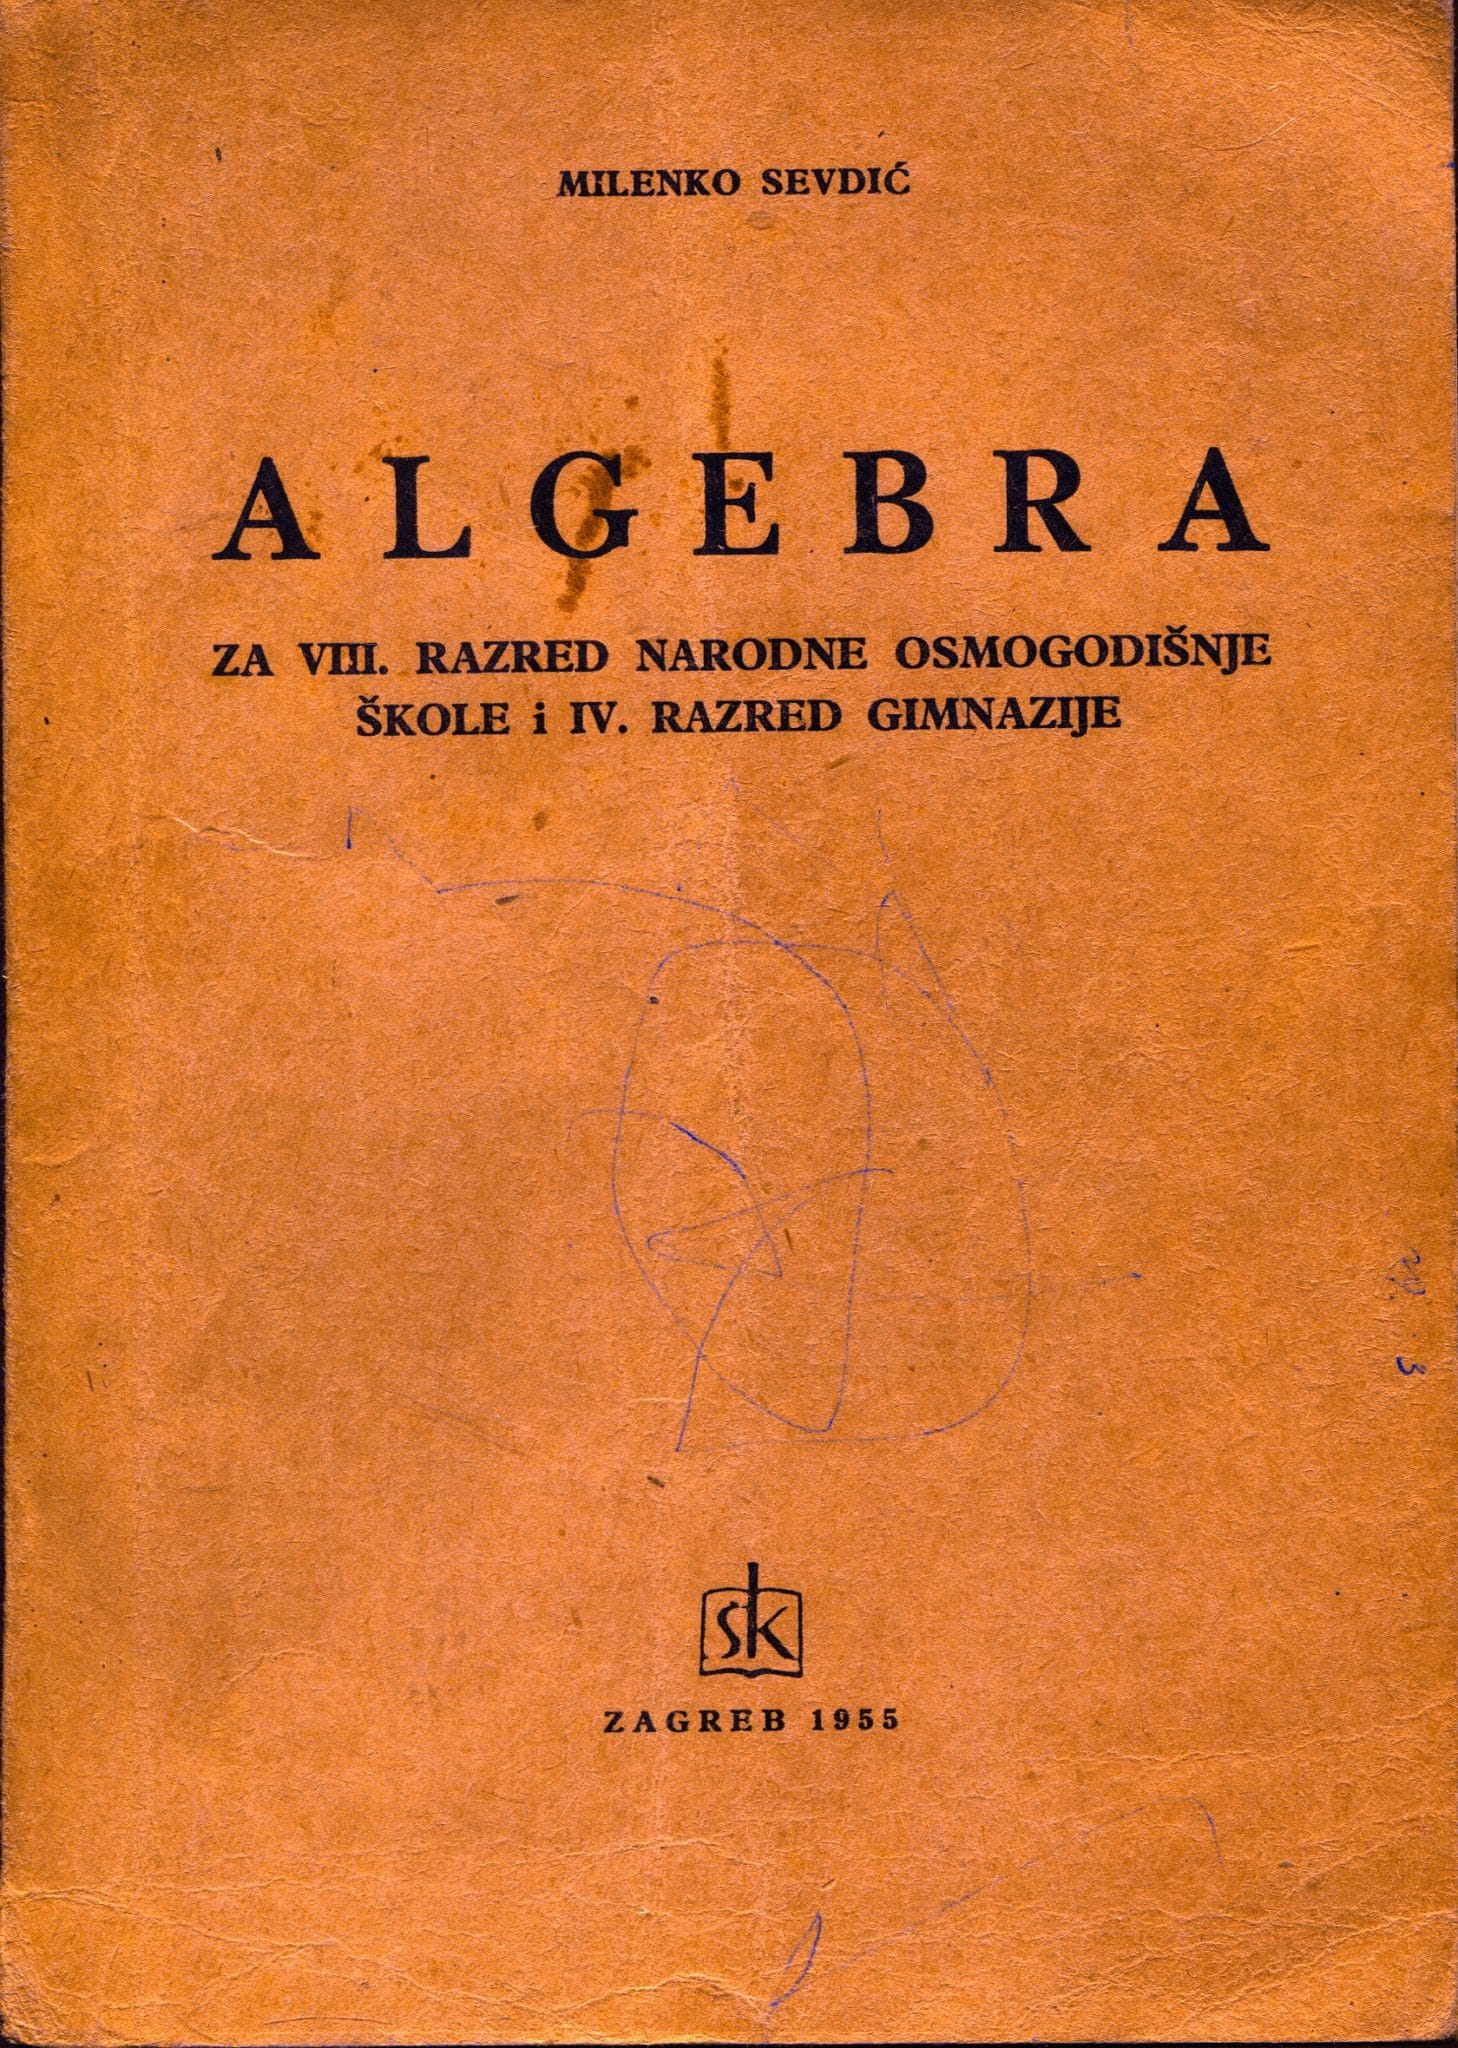 Milenko Sevdić - Algebra za VIII. razred narodne osmogodišnje škole i IV. razred gimnazije